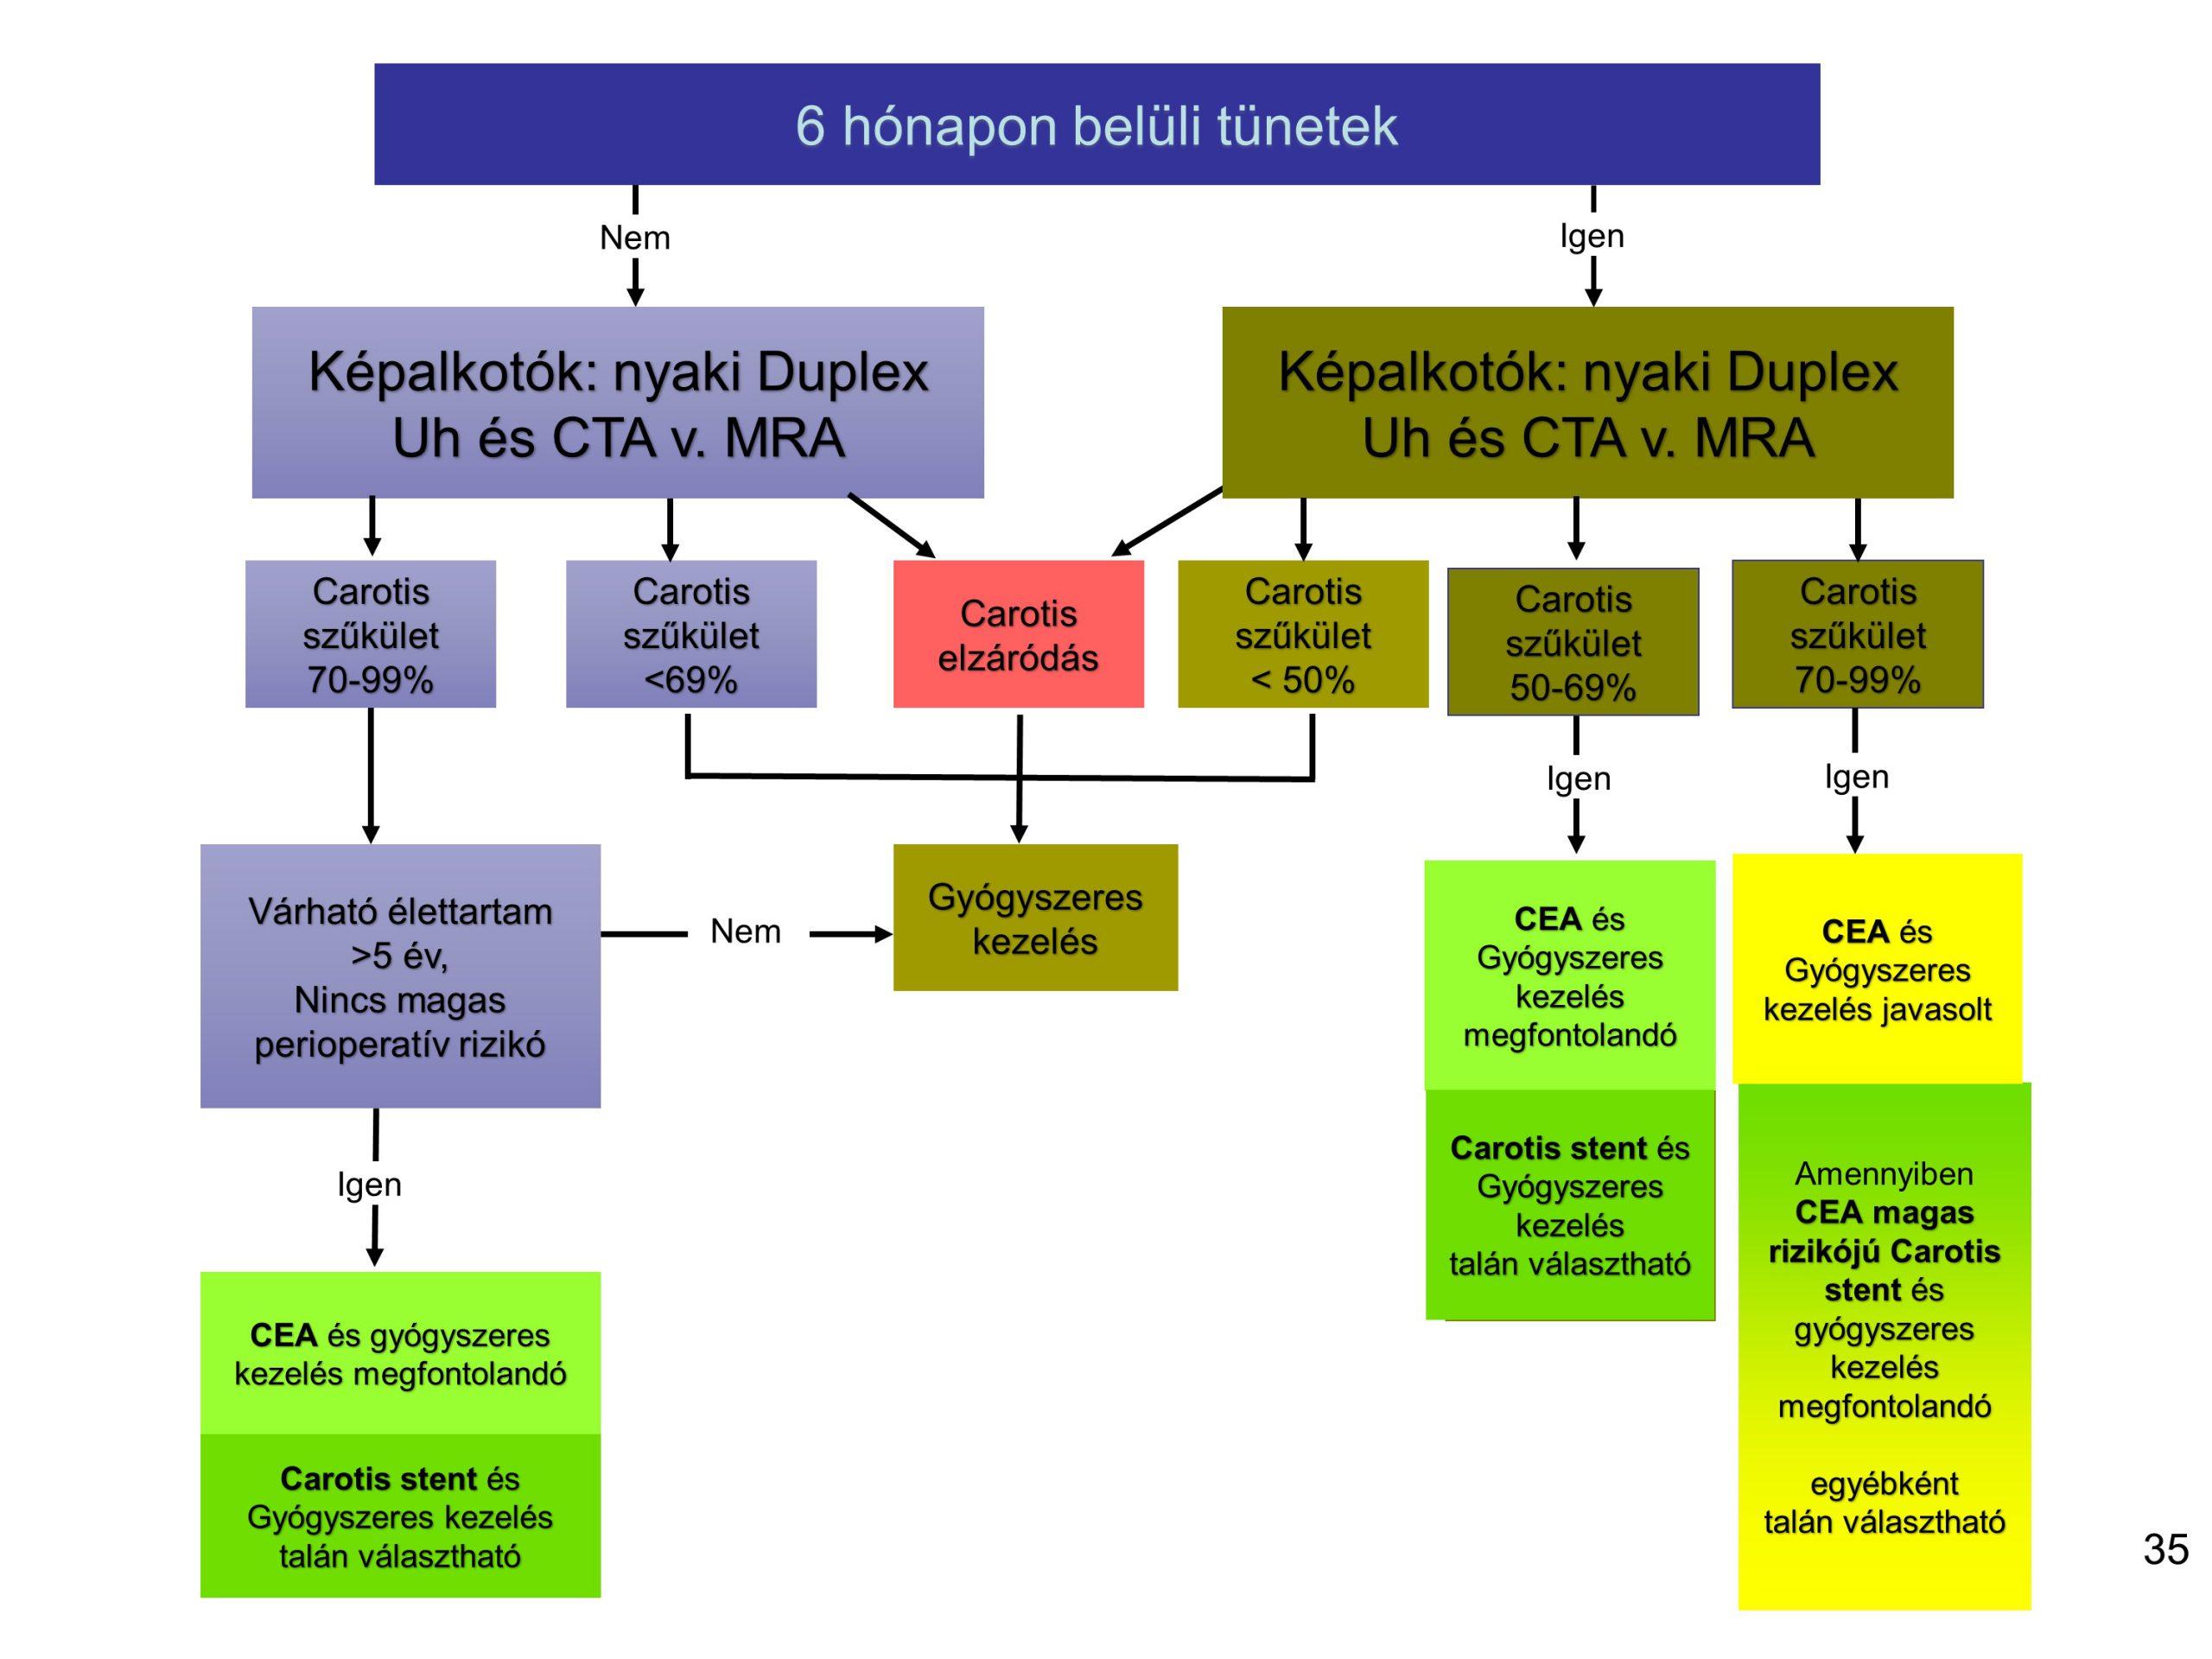 izom hipertónia újszülöttnél idegrendszeri betegség és magas vérnyomás